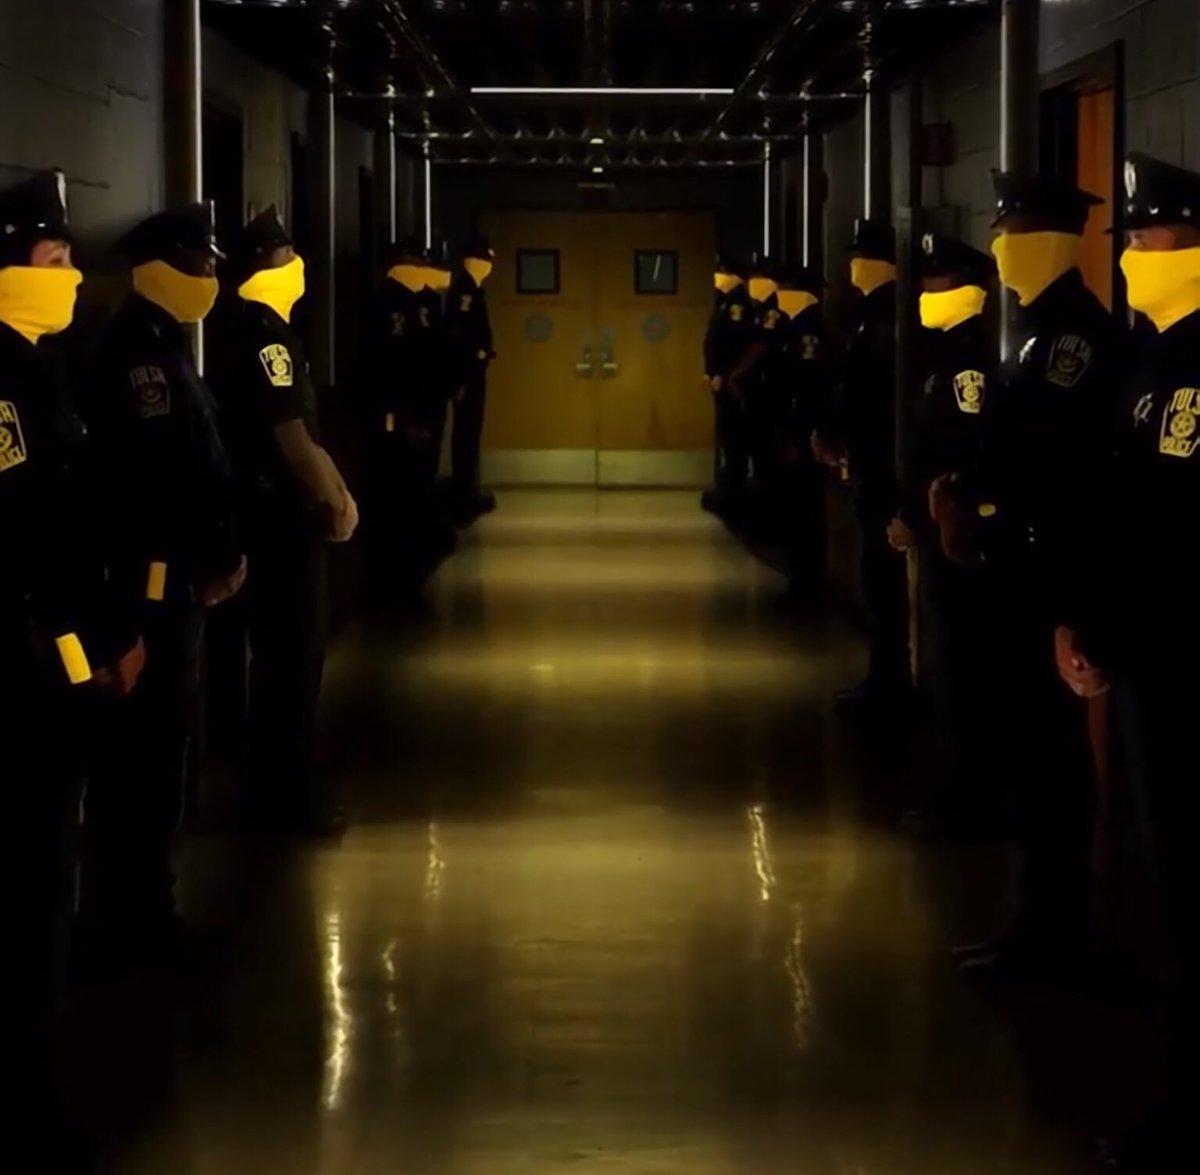 Hbo/ Watchmen/Snyder quitte la série/Damon Lindelof - Page 3 Dsd_4tFX4AEUayz